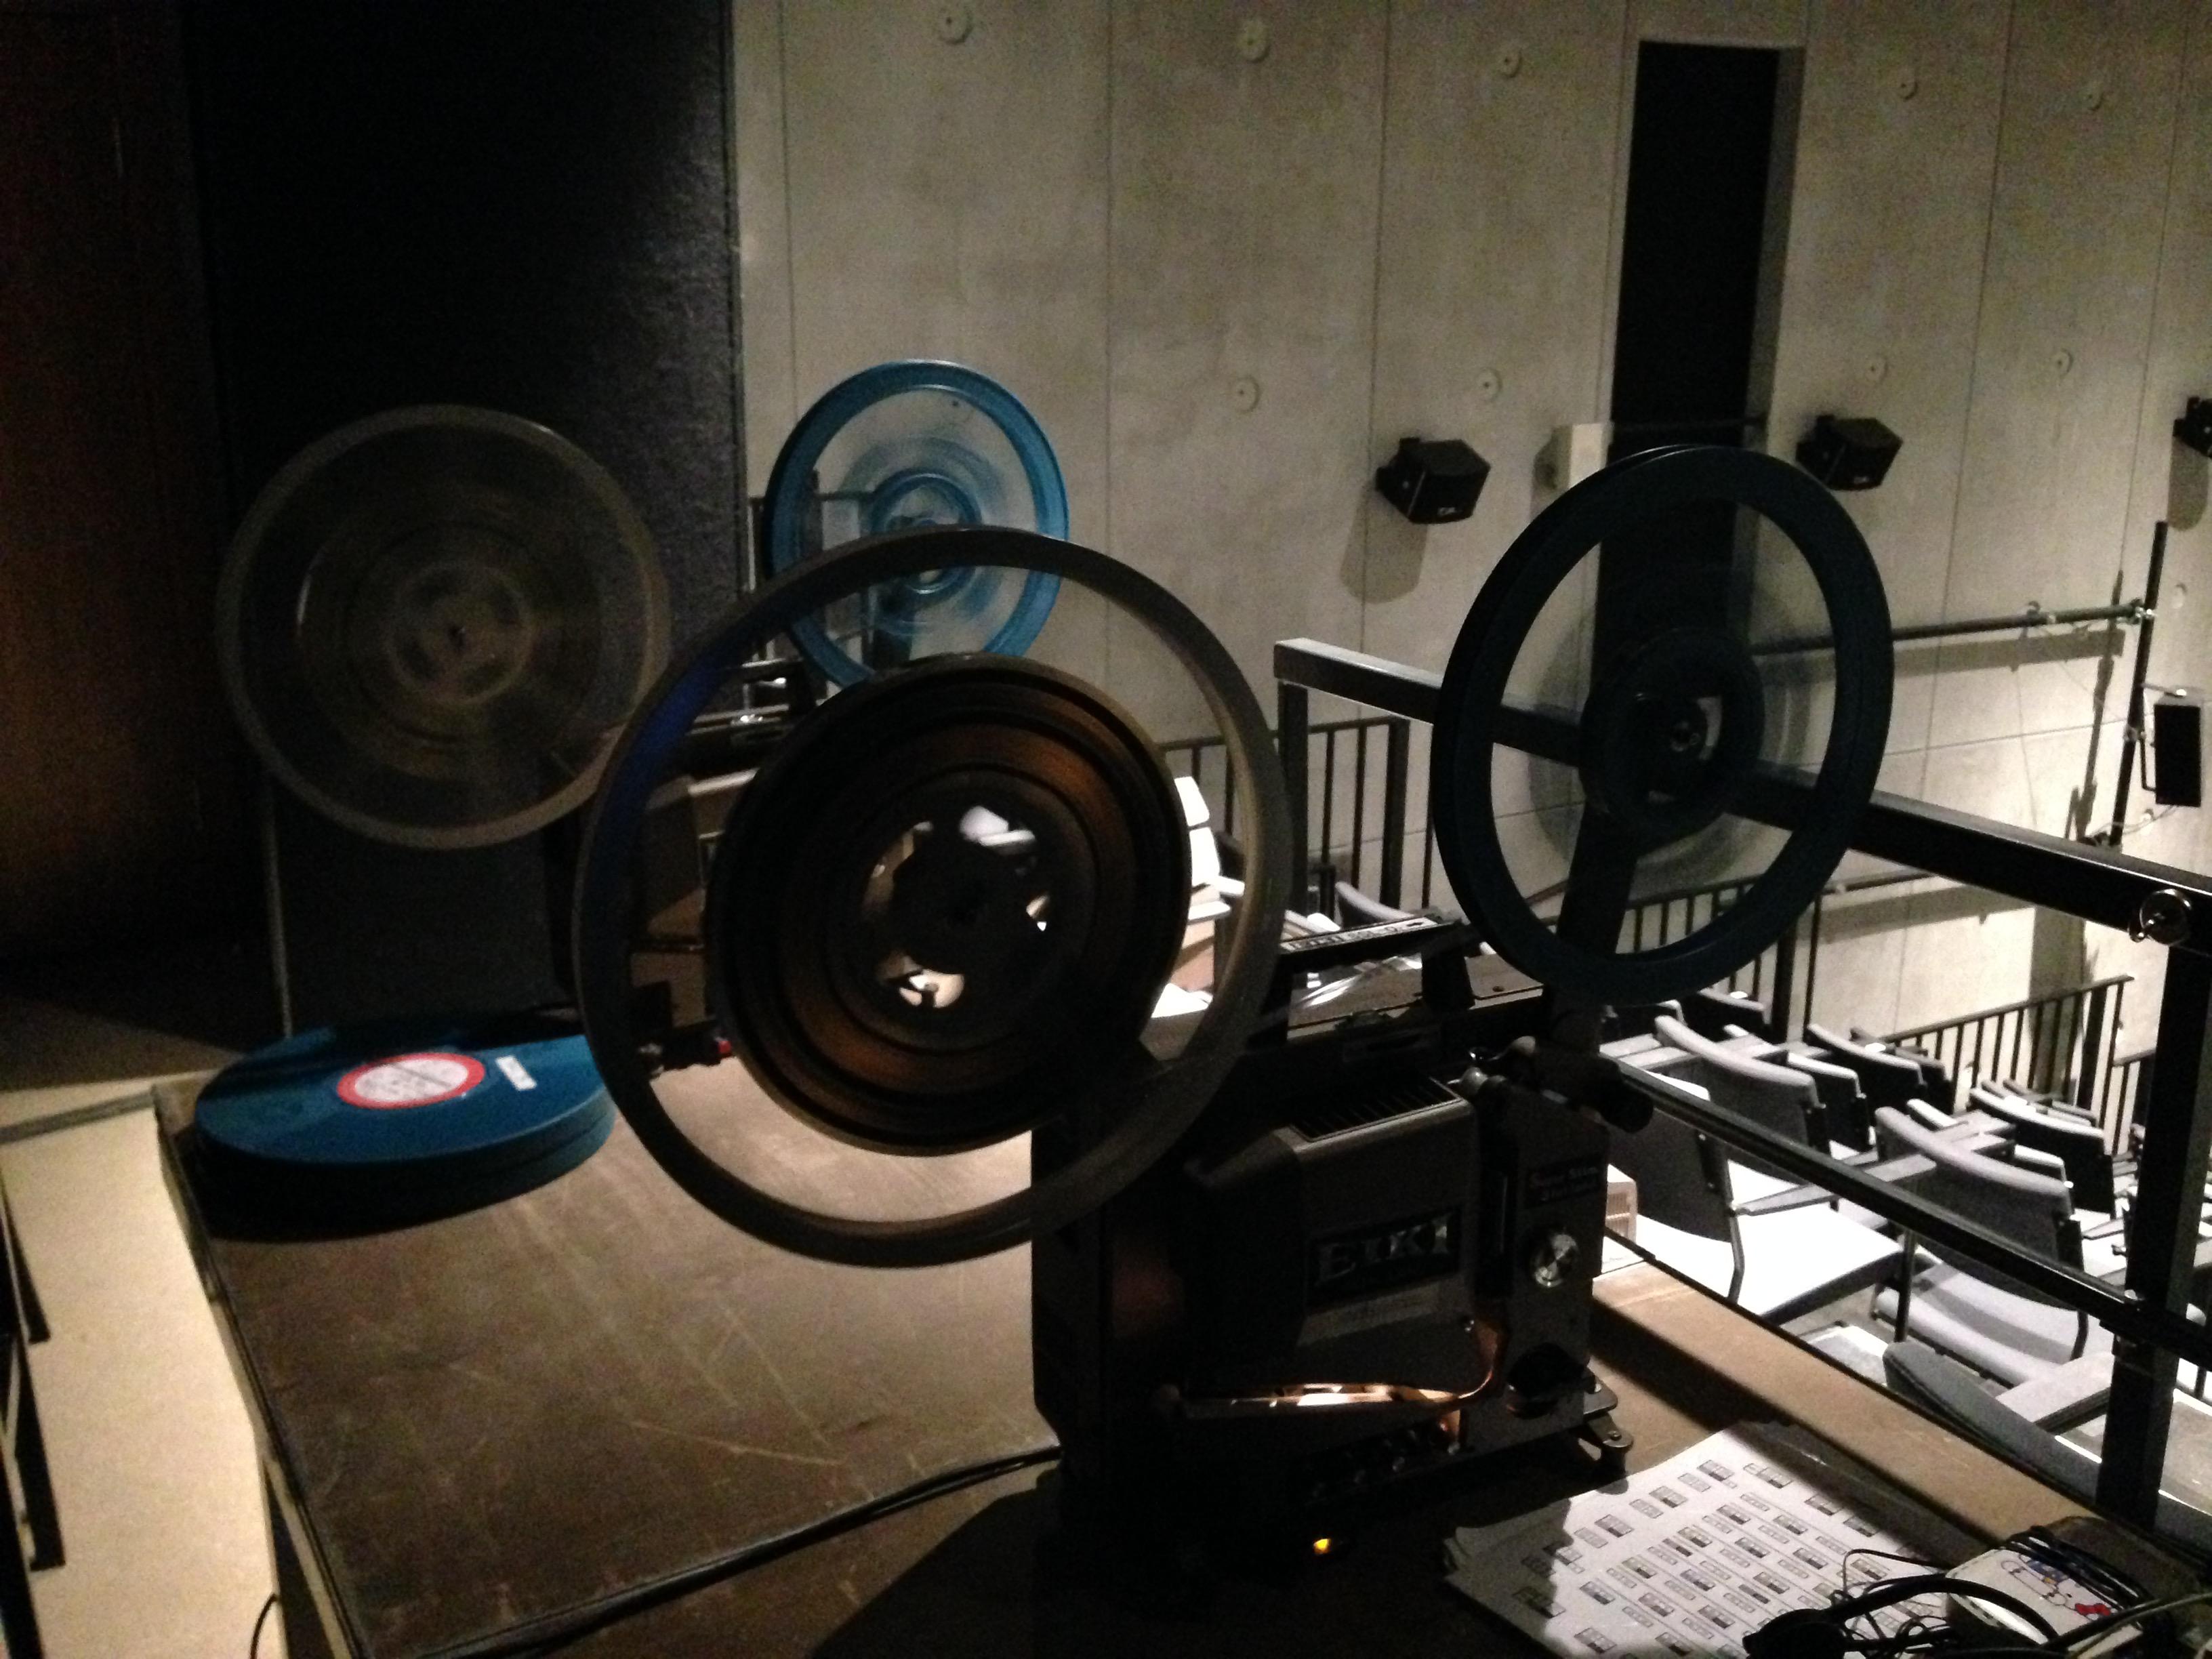 Показы экспериментальных фильмов с 16 мм пленки